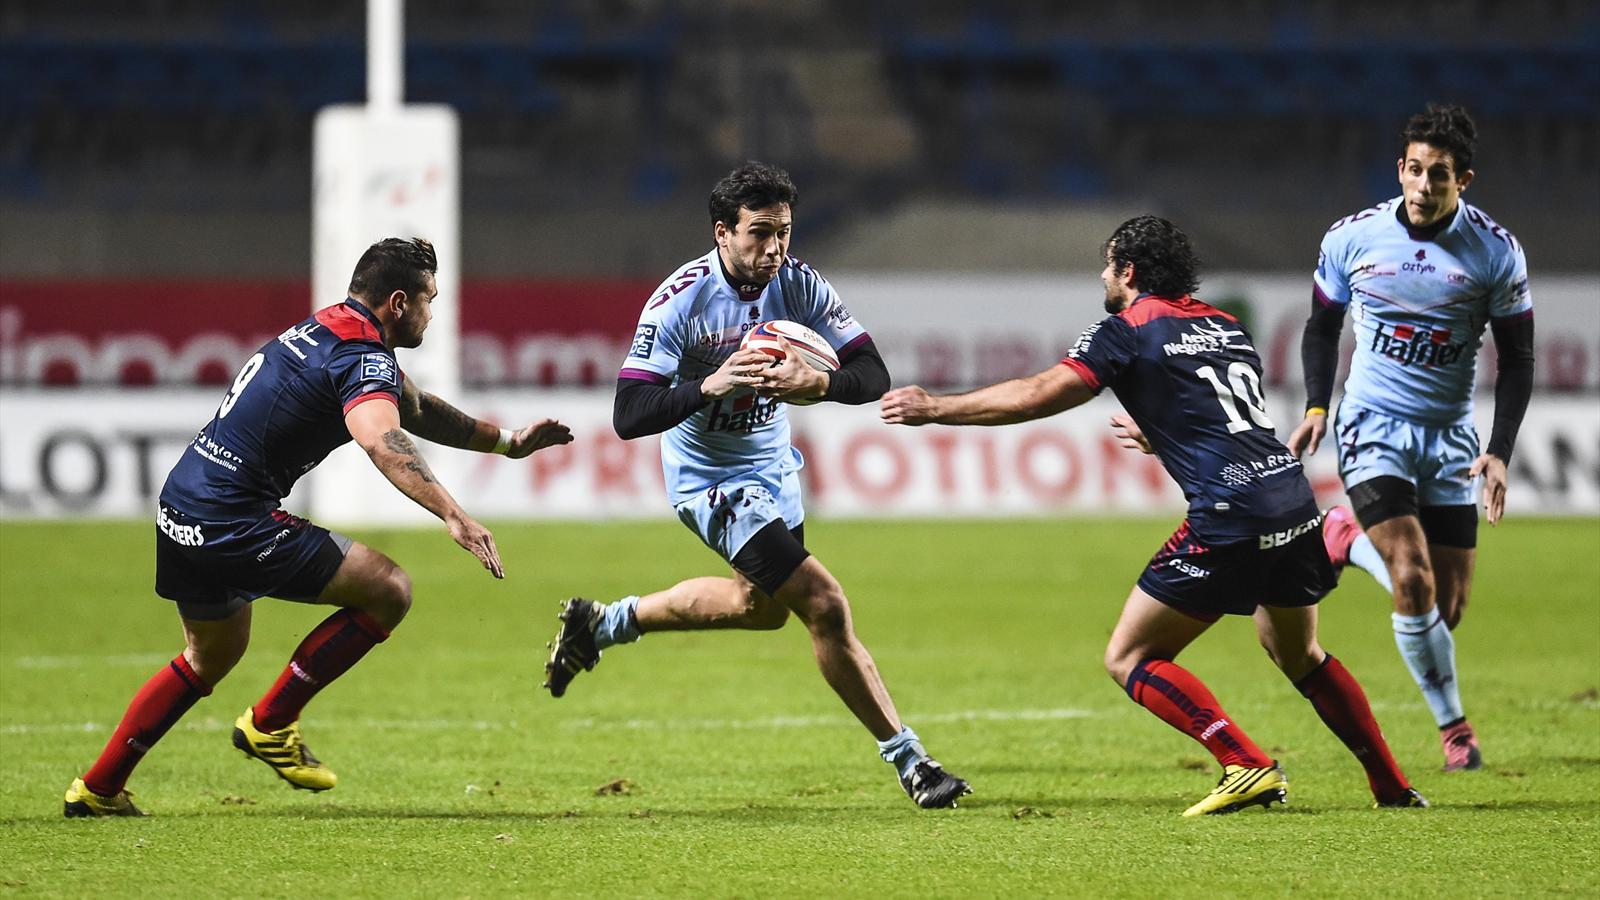 Jérôme Bosviel (Bourgoin) - décembre 2015